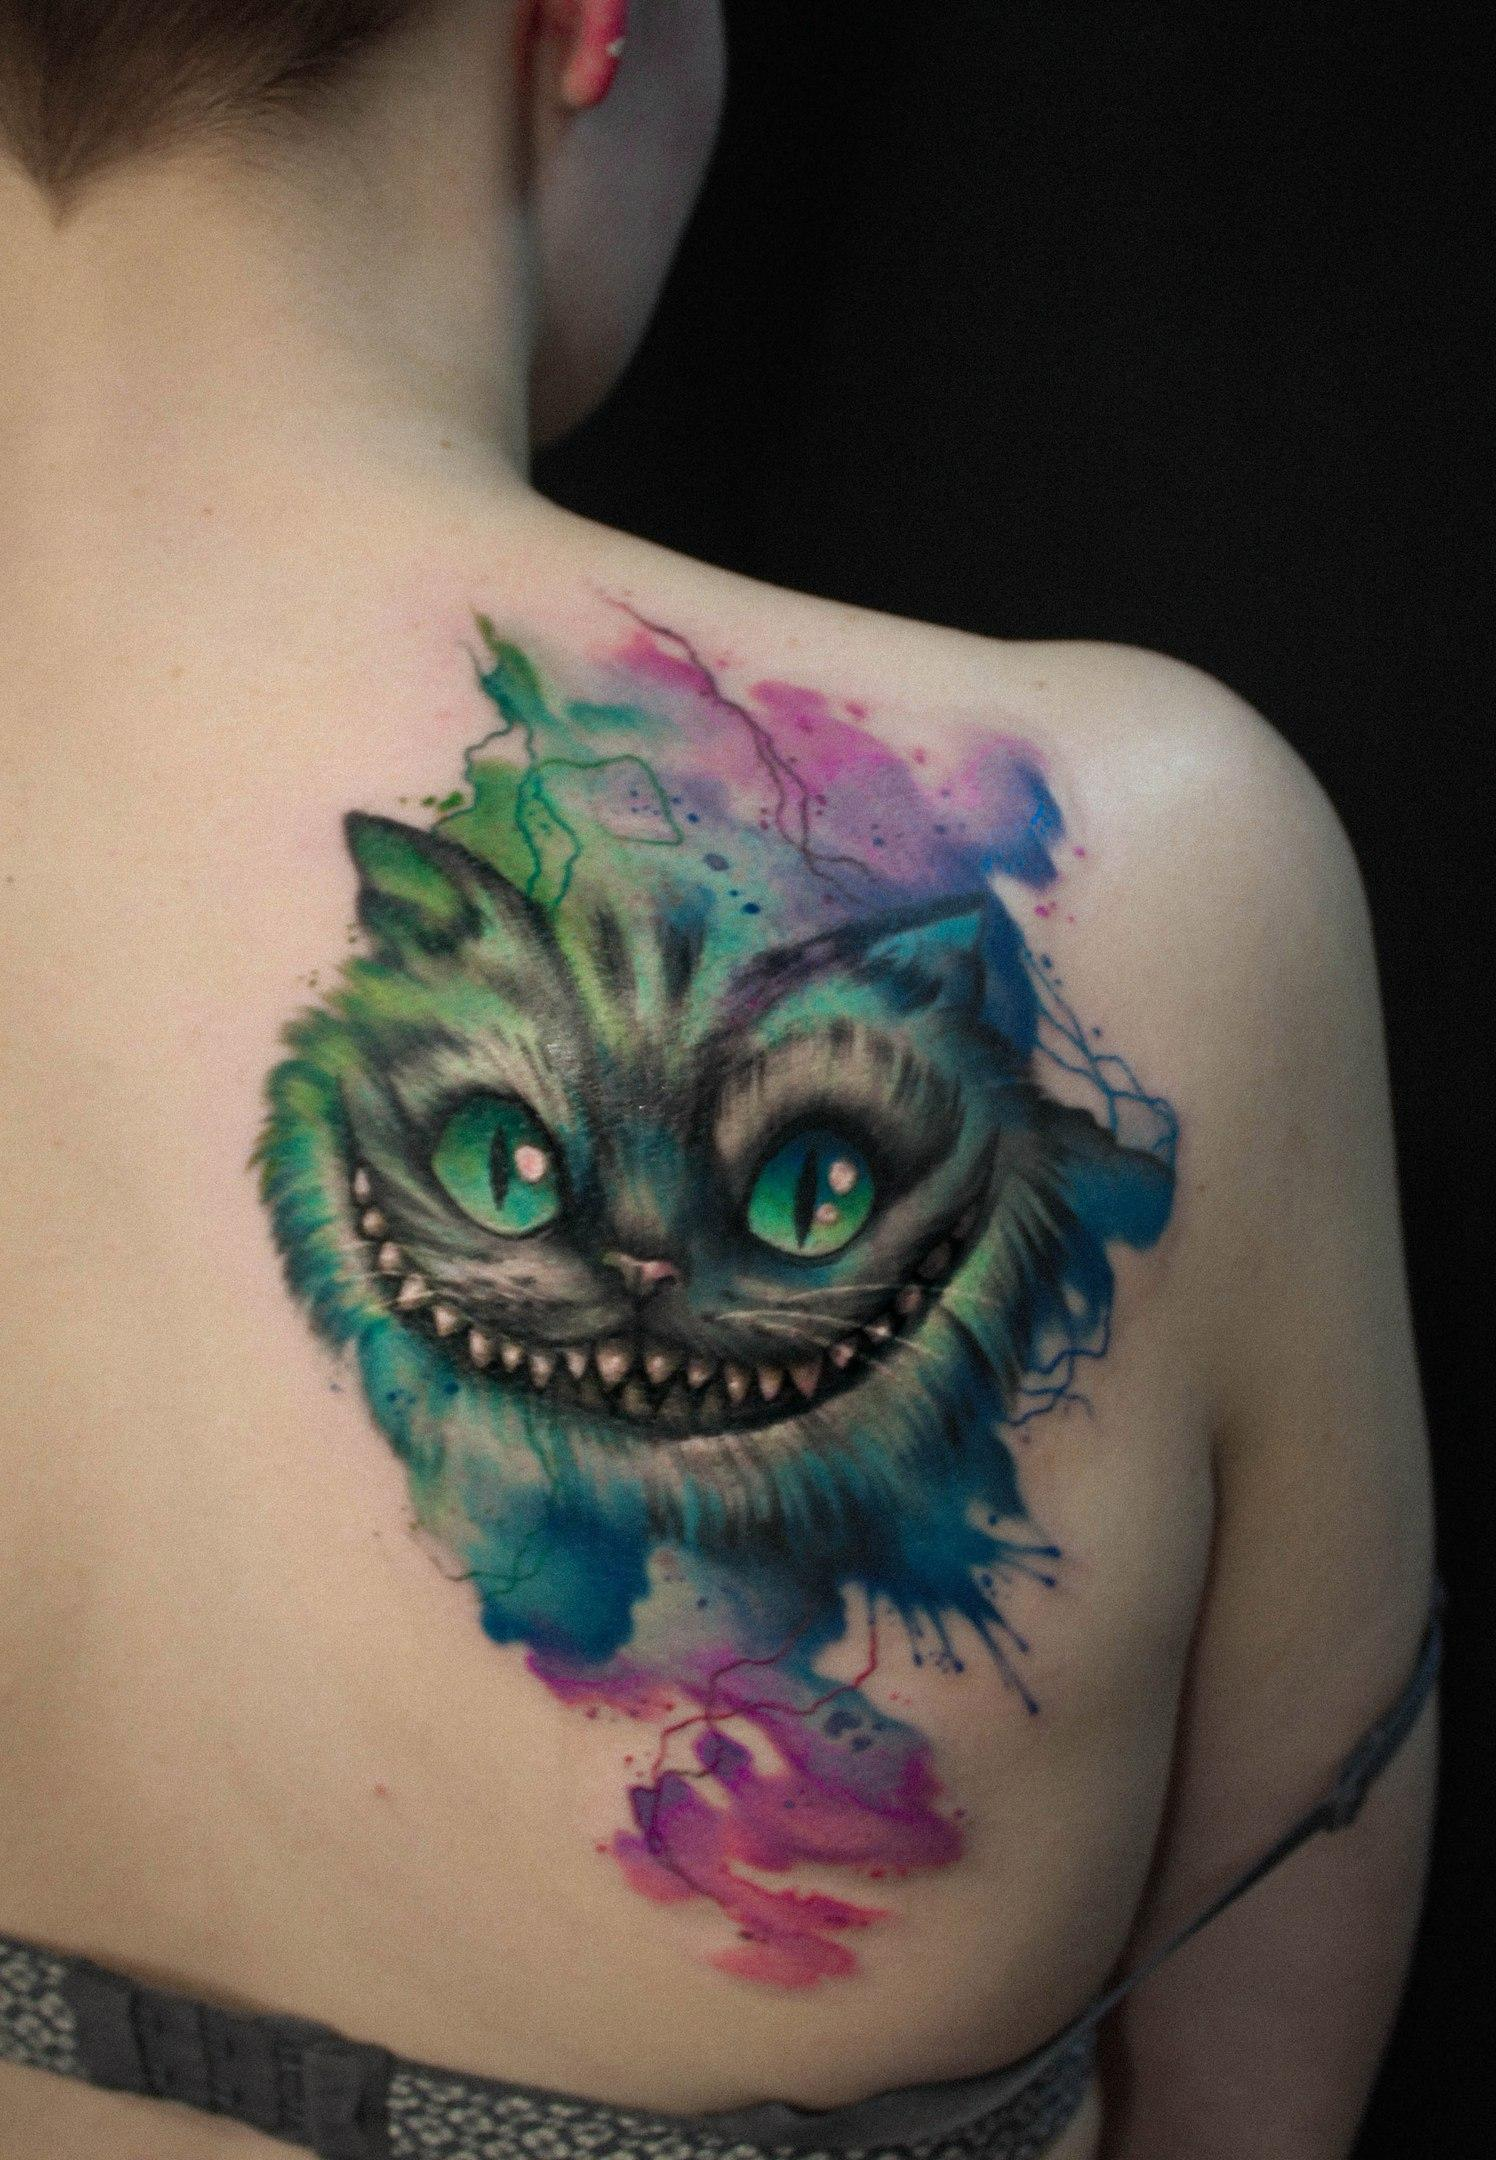 Художественная татуировка «Чеширский кот». Мастер- Анна Корь.